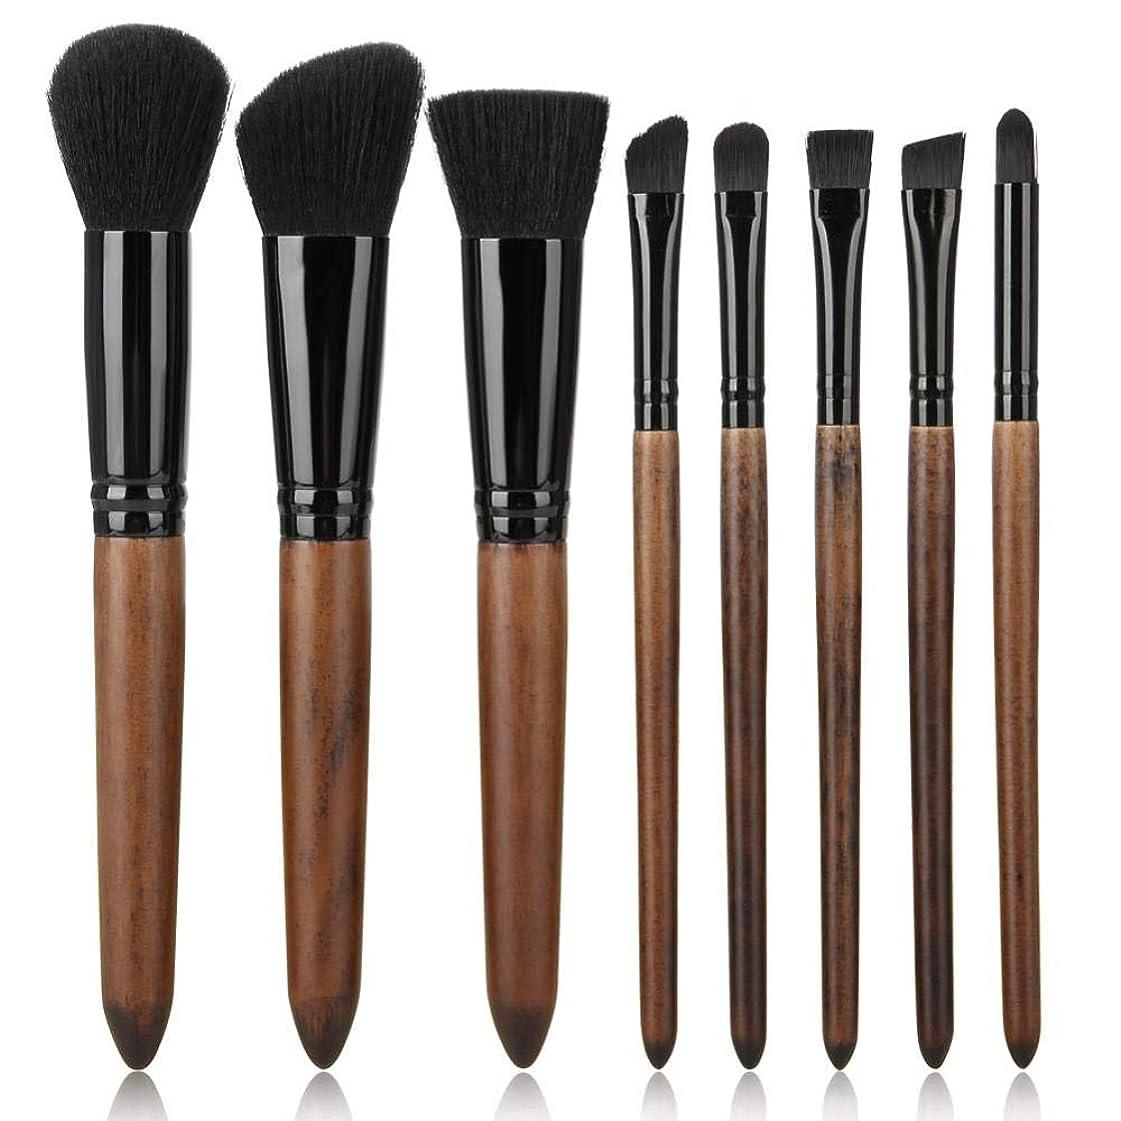 平らにするしみハウスメイクブラシ 柔らかい 化粧筆 アイシャドウブラシ 粉飾用 修容ブラシセット 携帯用(ブラック#1)